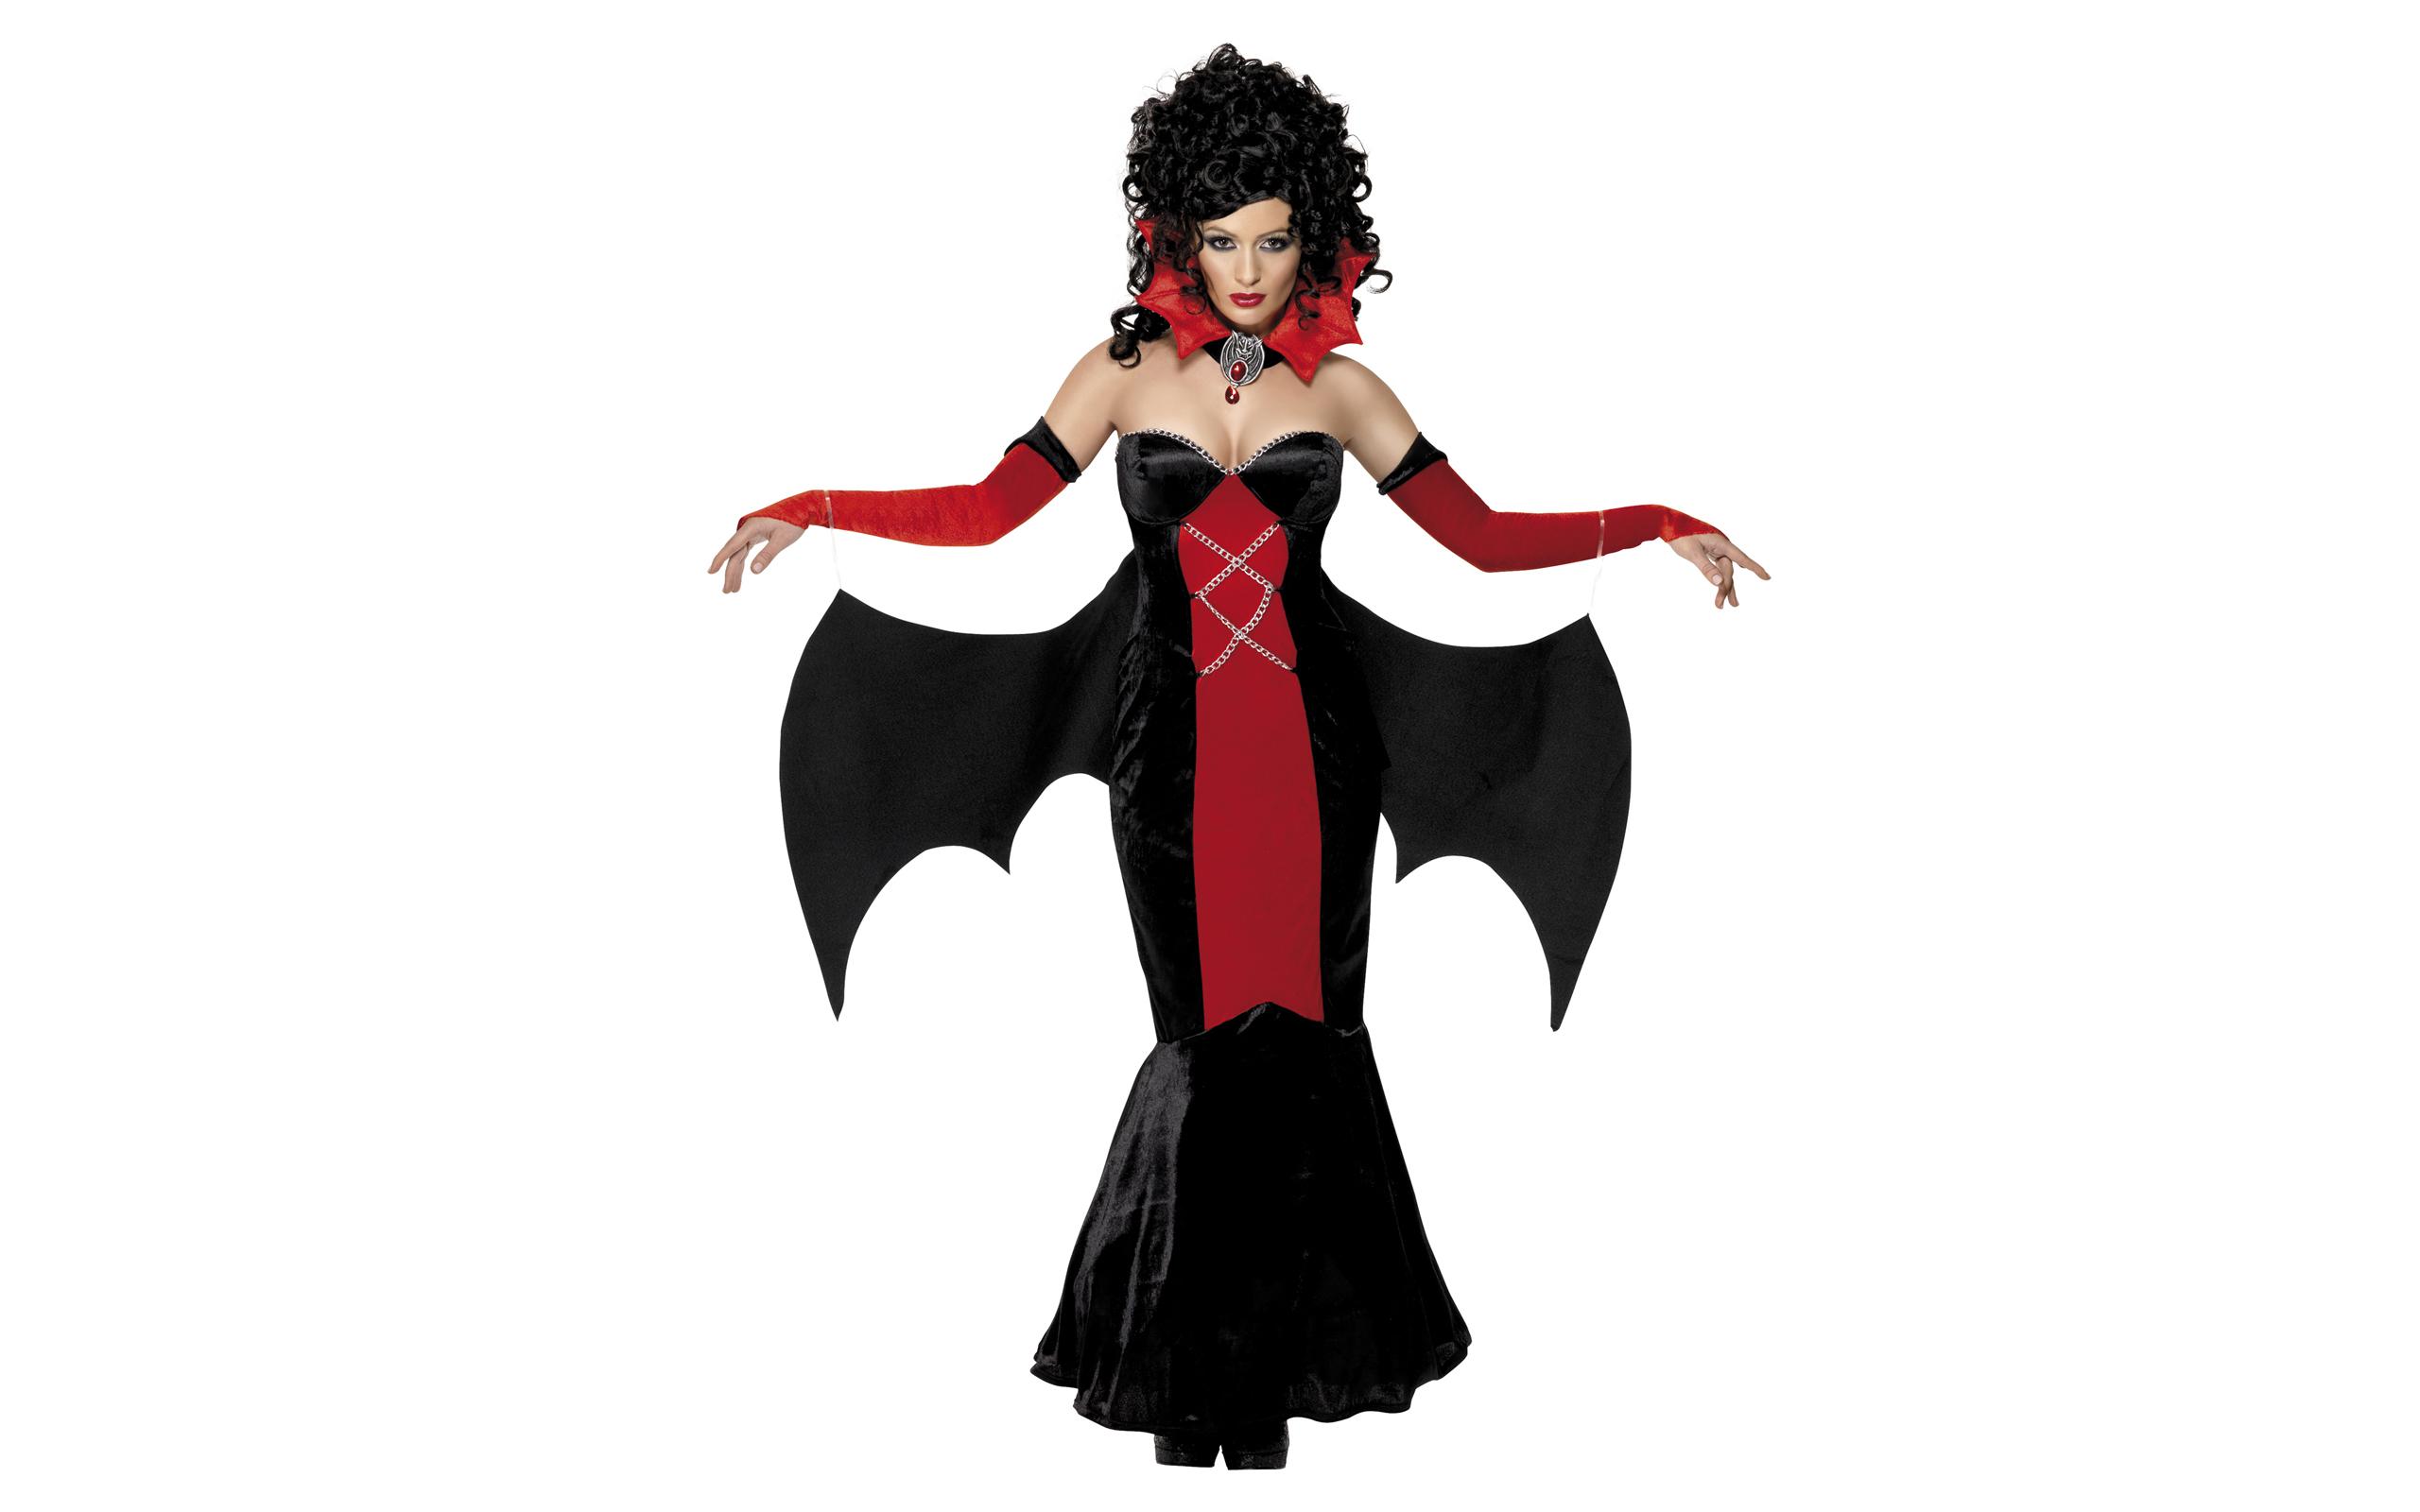 Mujer murciélago - 2560x1600